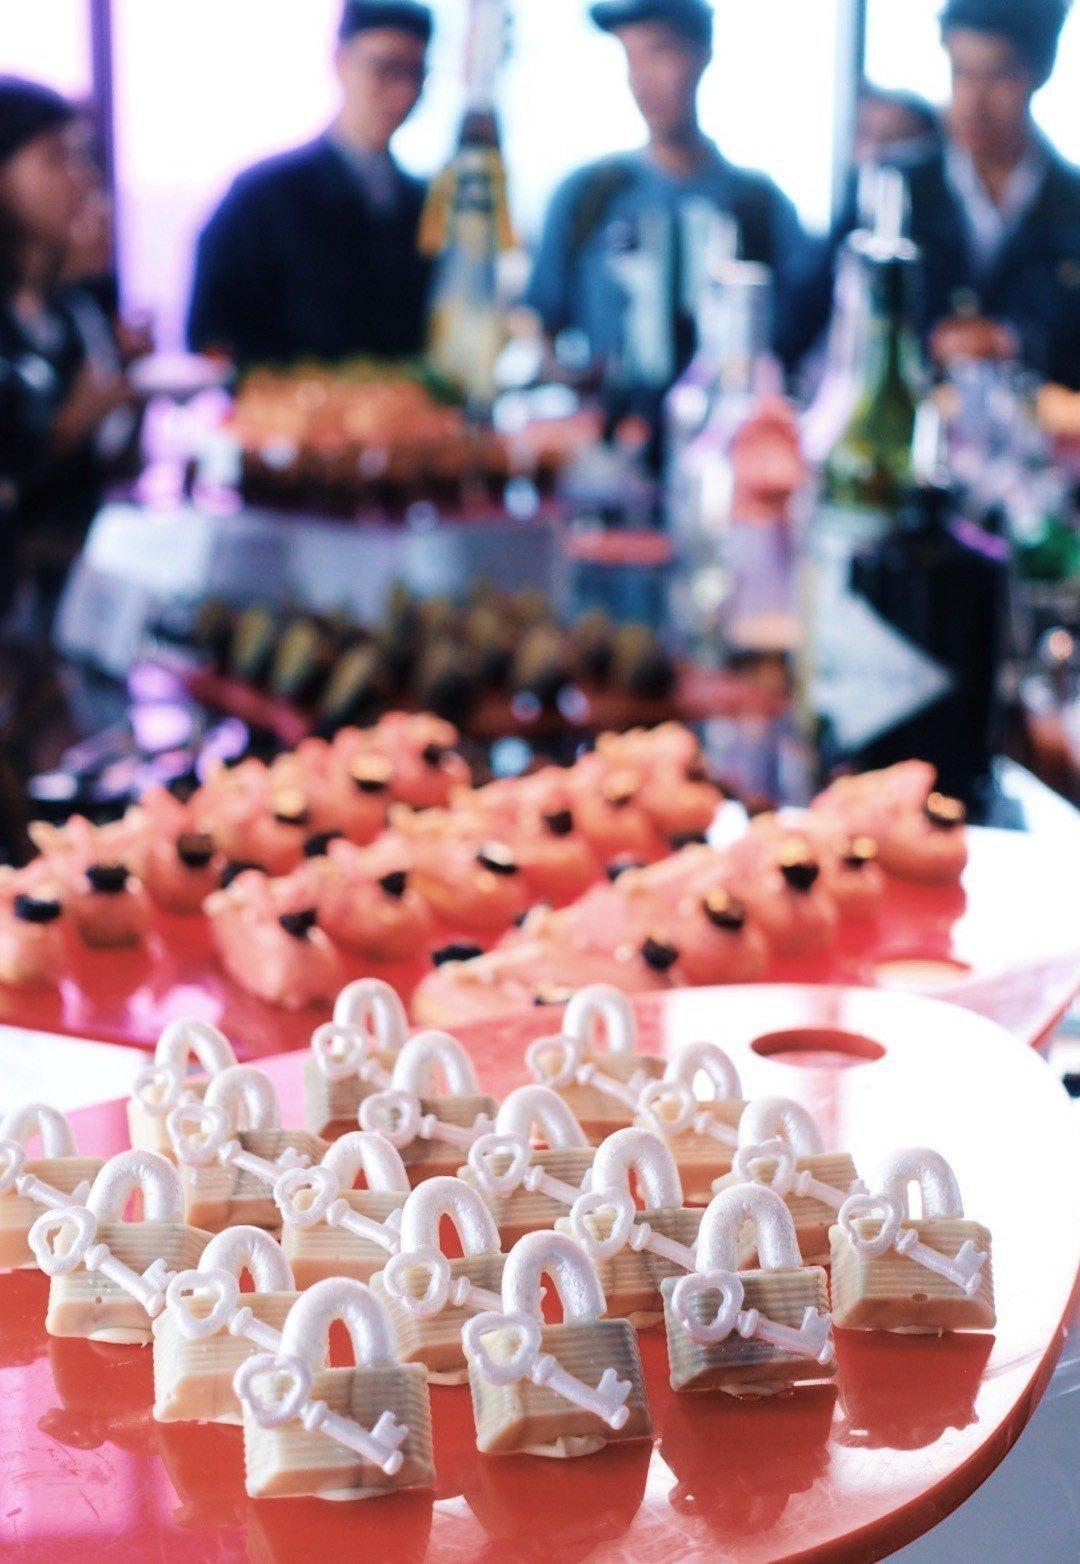 狂艷之鑰巧克力,以Daniel Wong品牌經典鑰匙為靈感。 圖/台北W飯店...